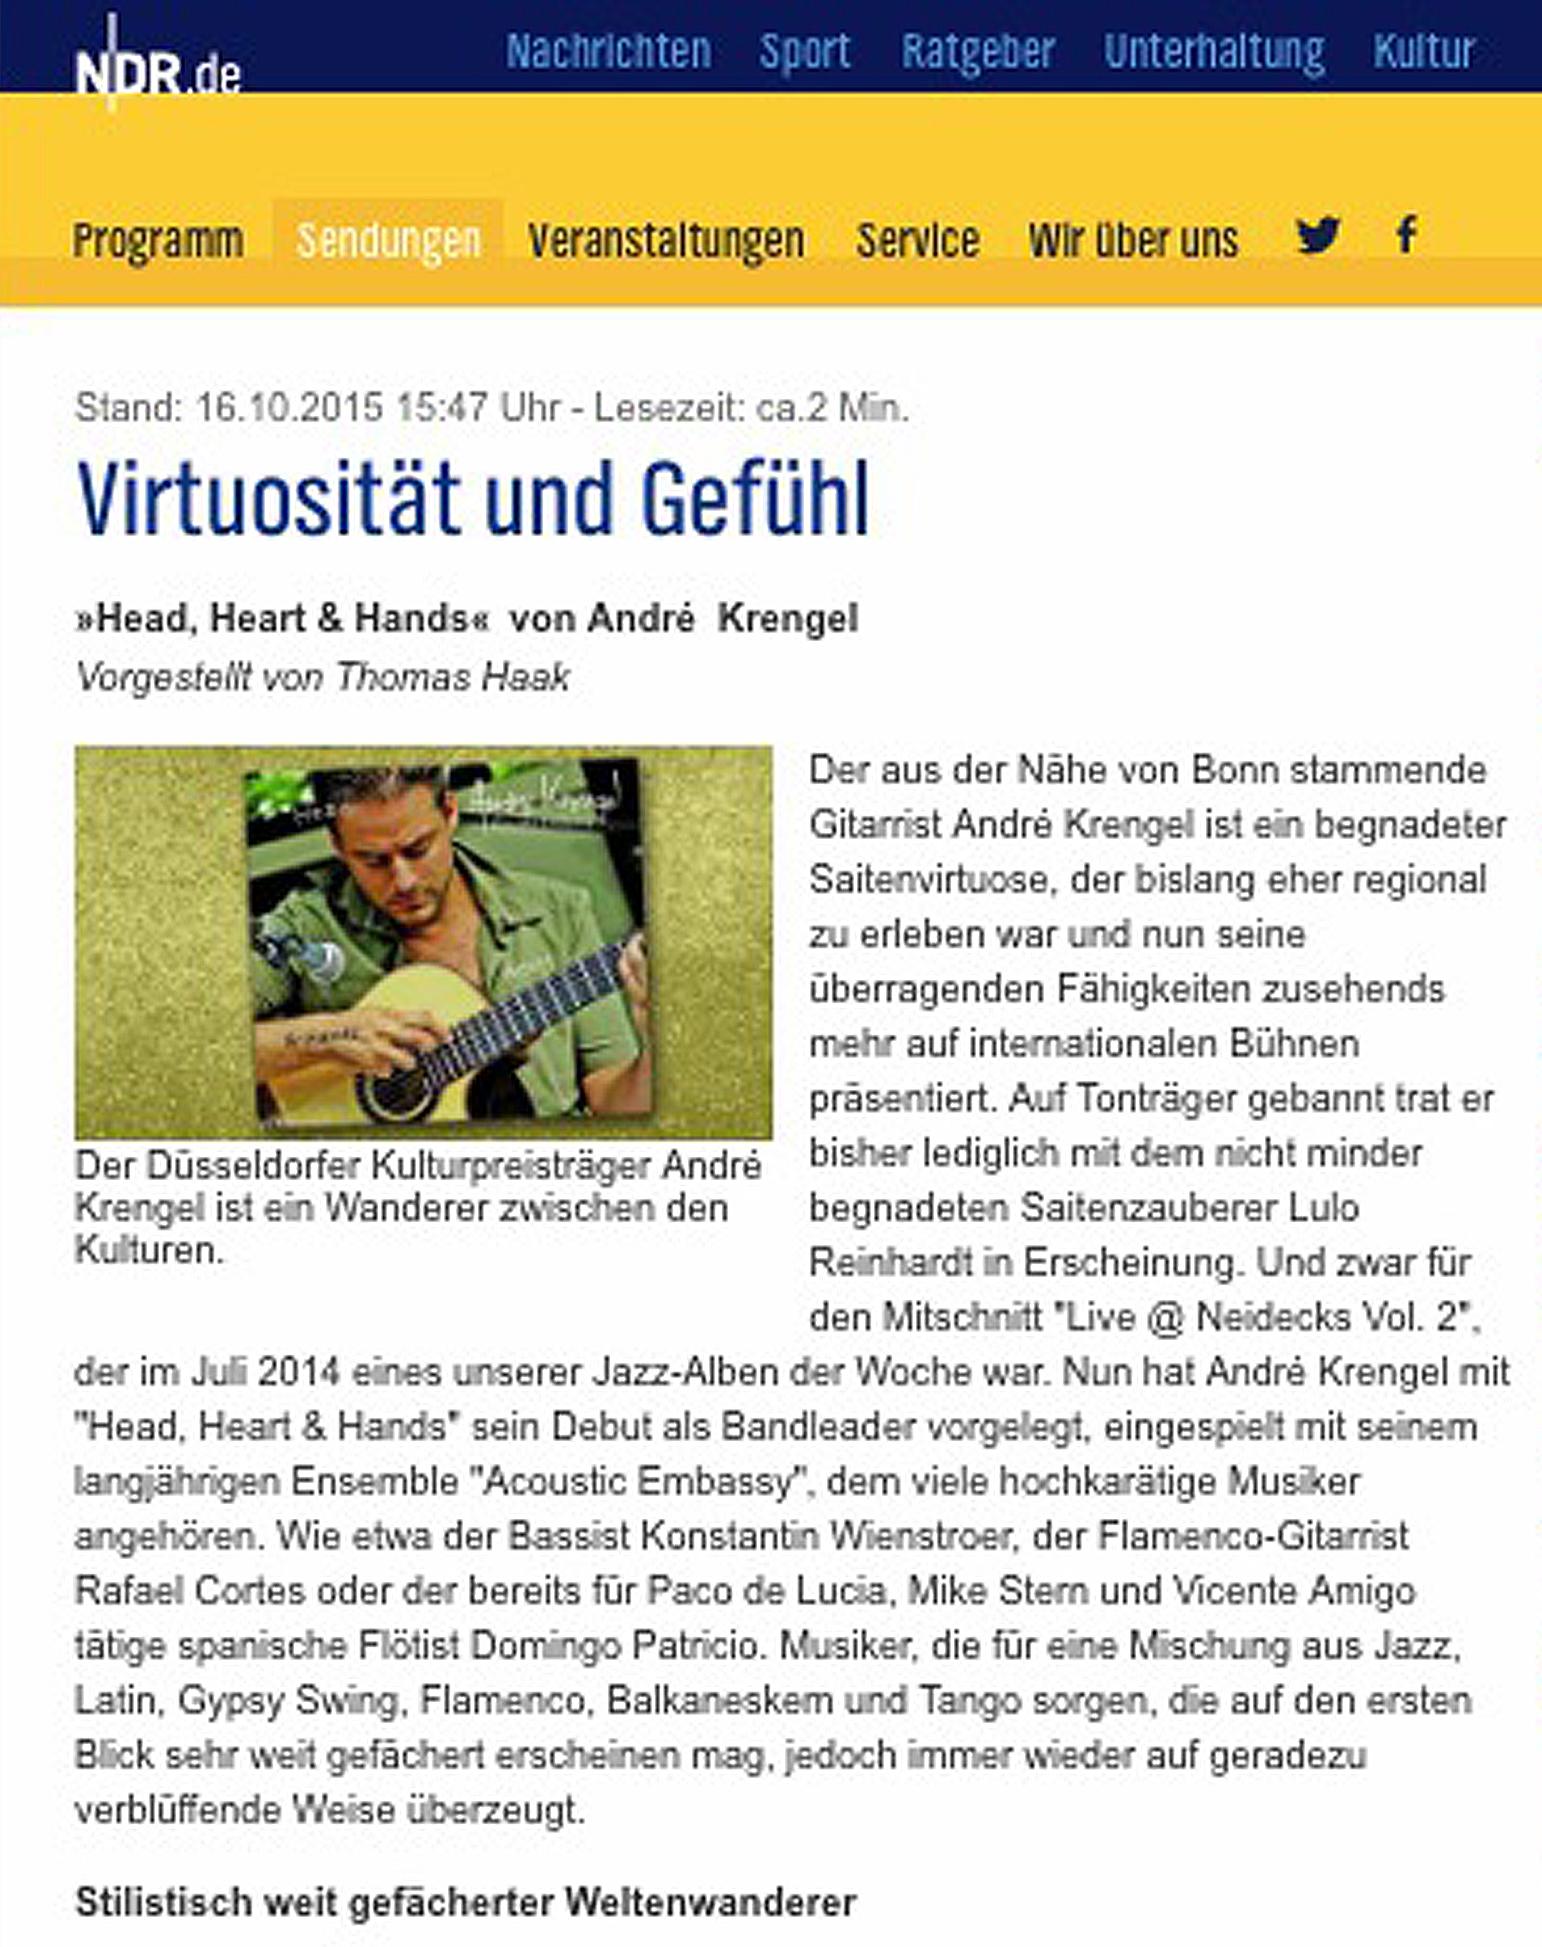 NDR_Album_der_Woche_CD Andre Krengel